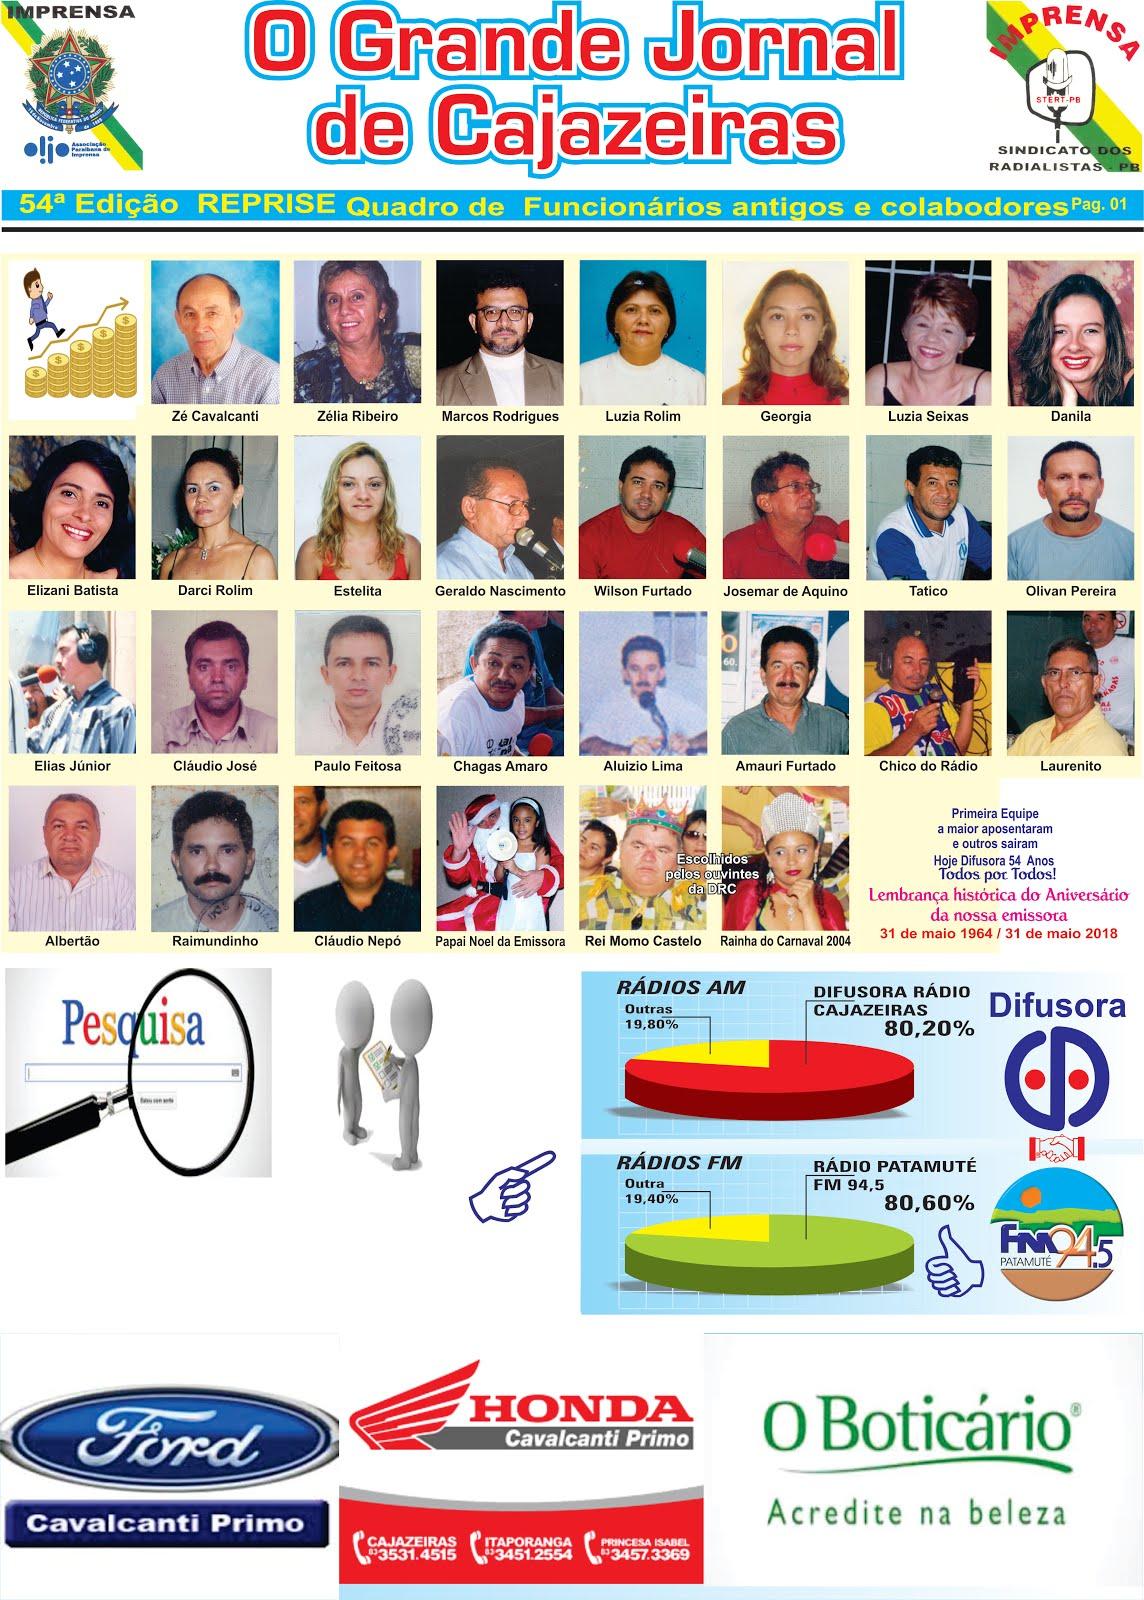 ANTIGOS  E CONTÍNUOS FUNCIONÁRIOS  DA DIFUSORA RÁDIO CAJAZEIRAS  PB